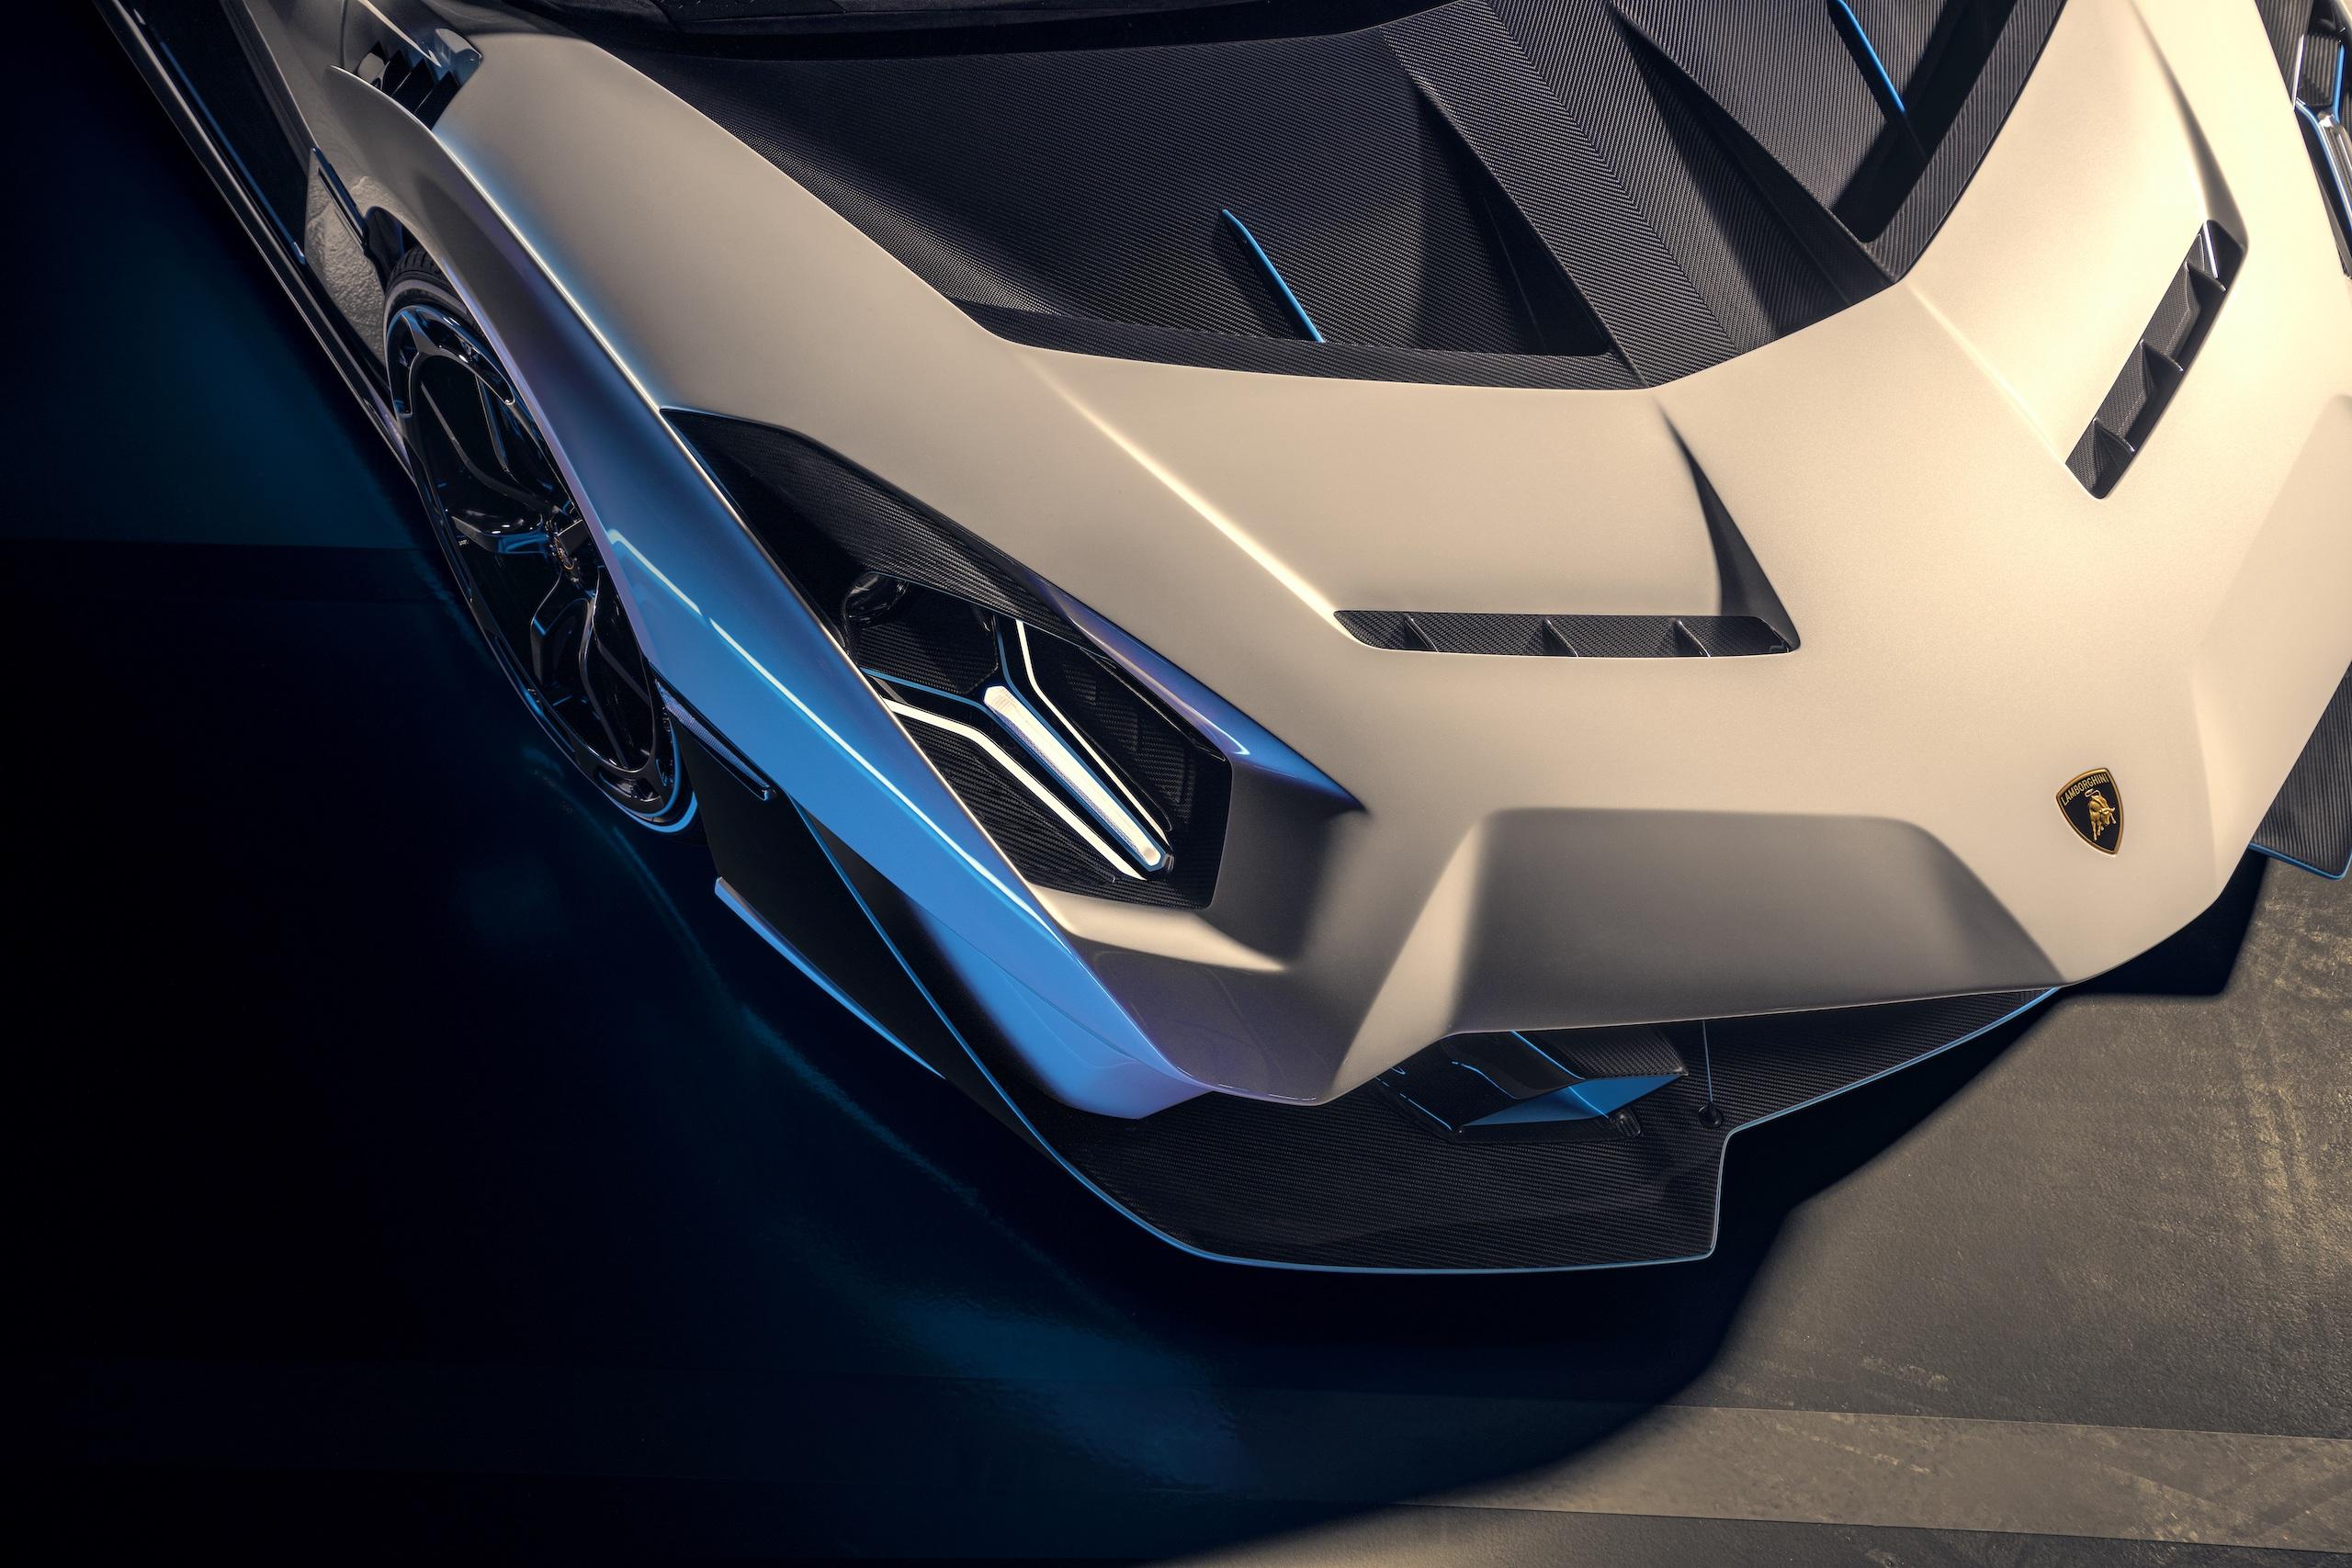 Lamborghini SC20 headlight detail